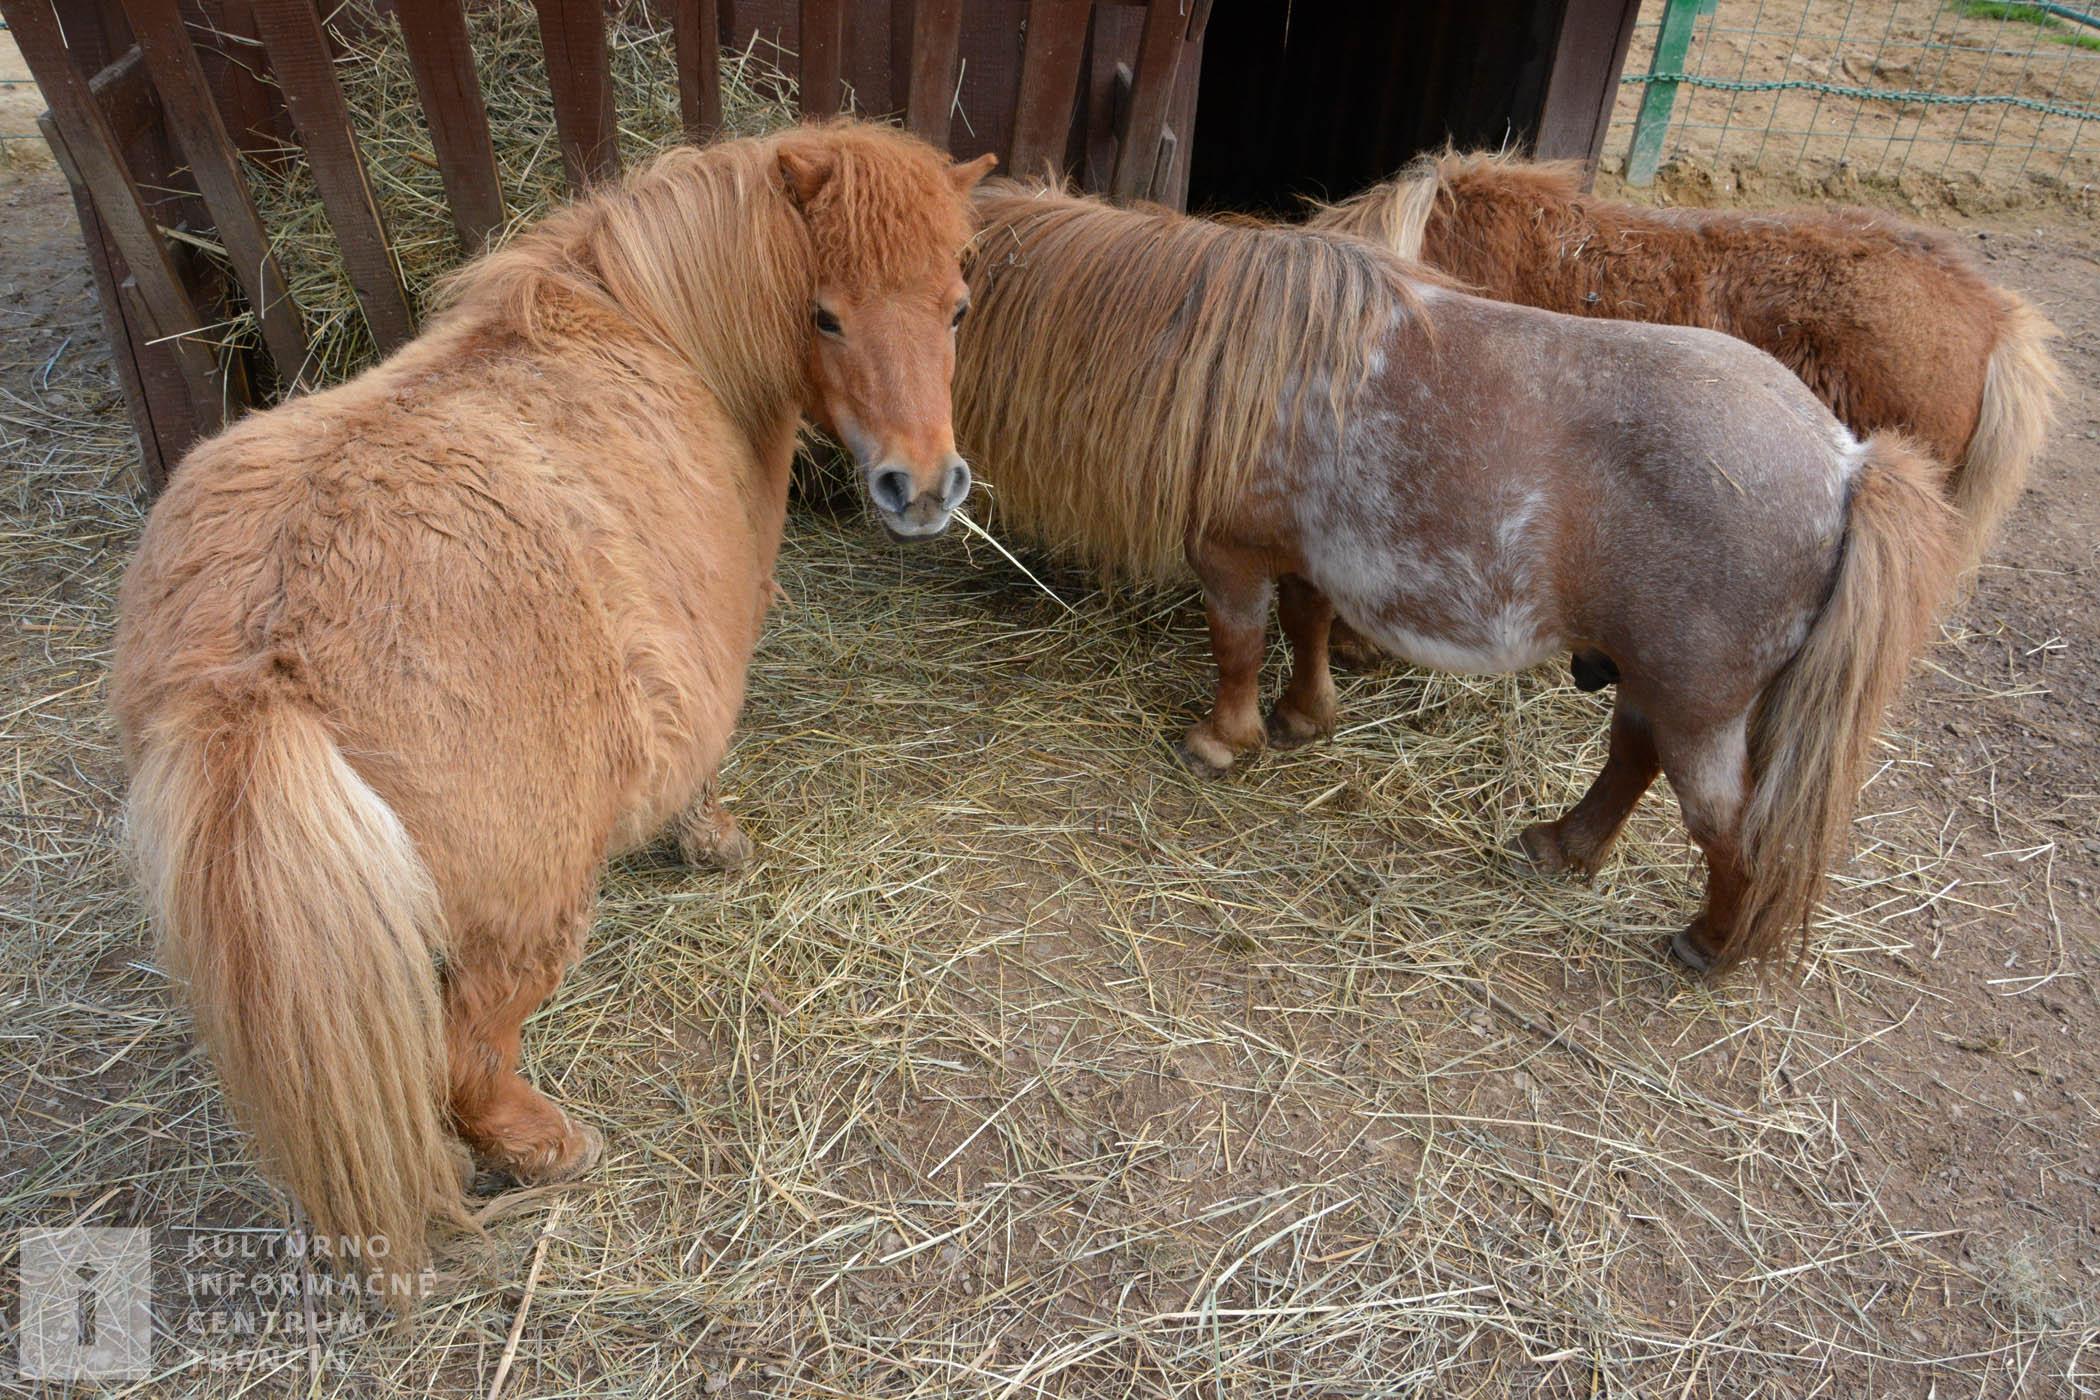 Koníky Falabella patria medzi najmenšie plemeno koňa na svete, na Ranči pod Babicou ich chovajú od roku 2010.